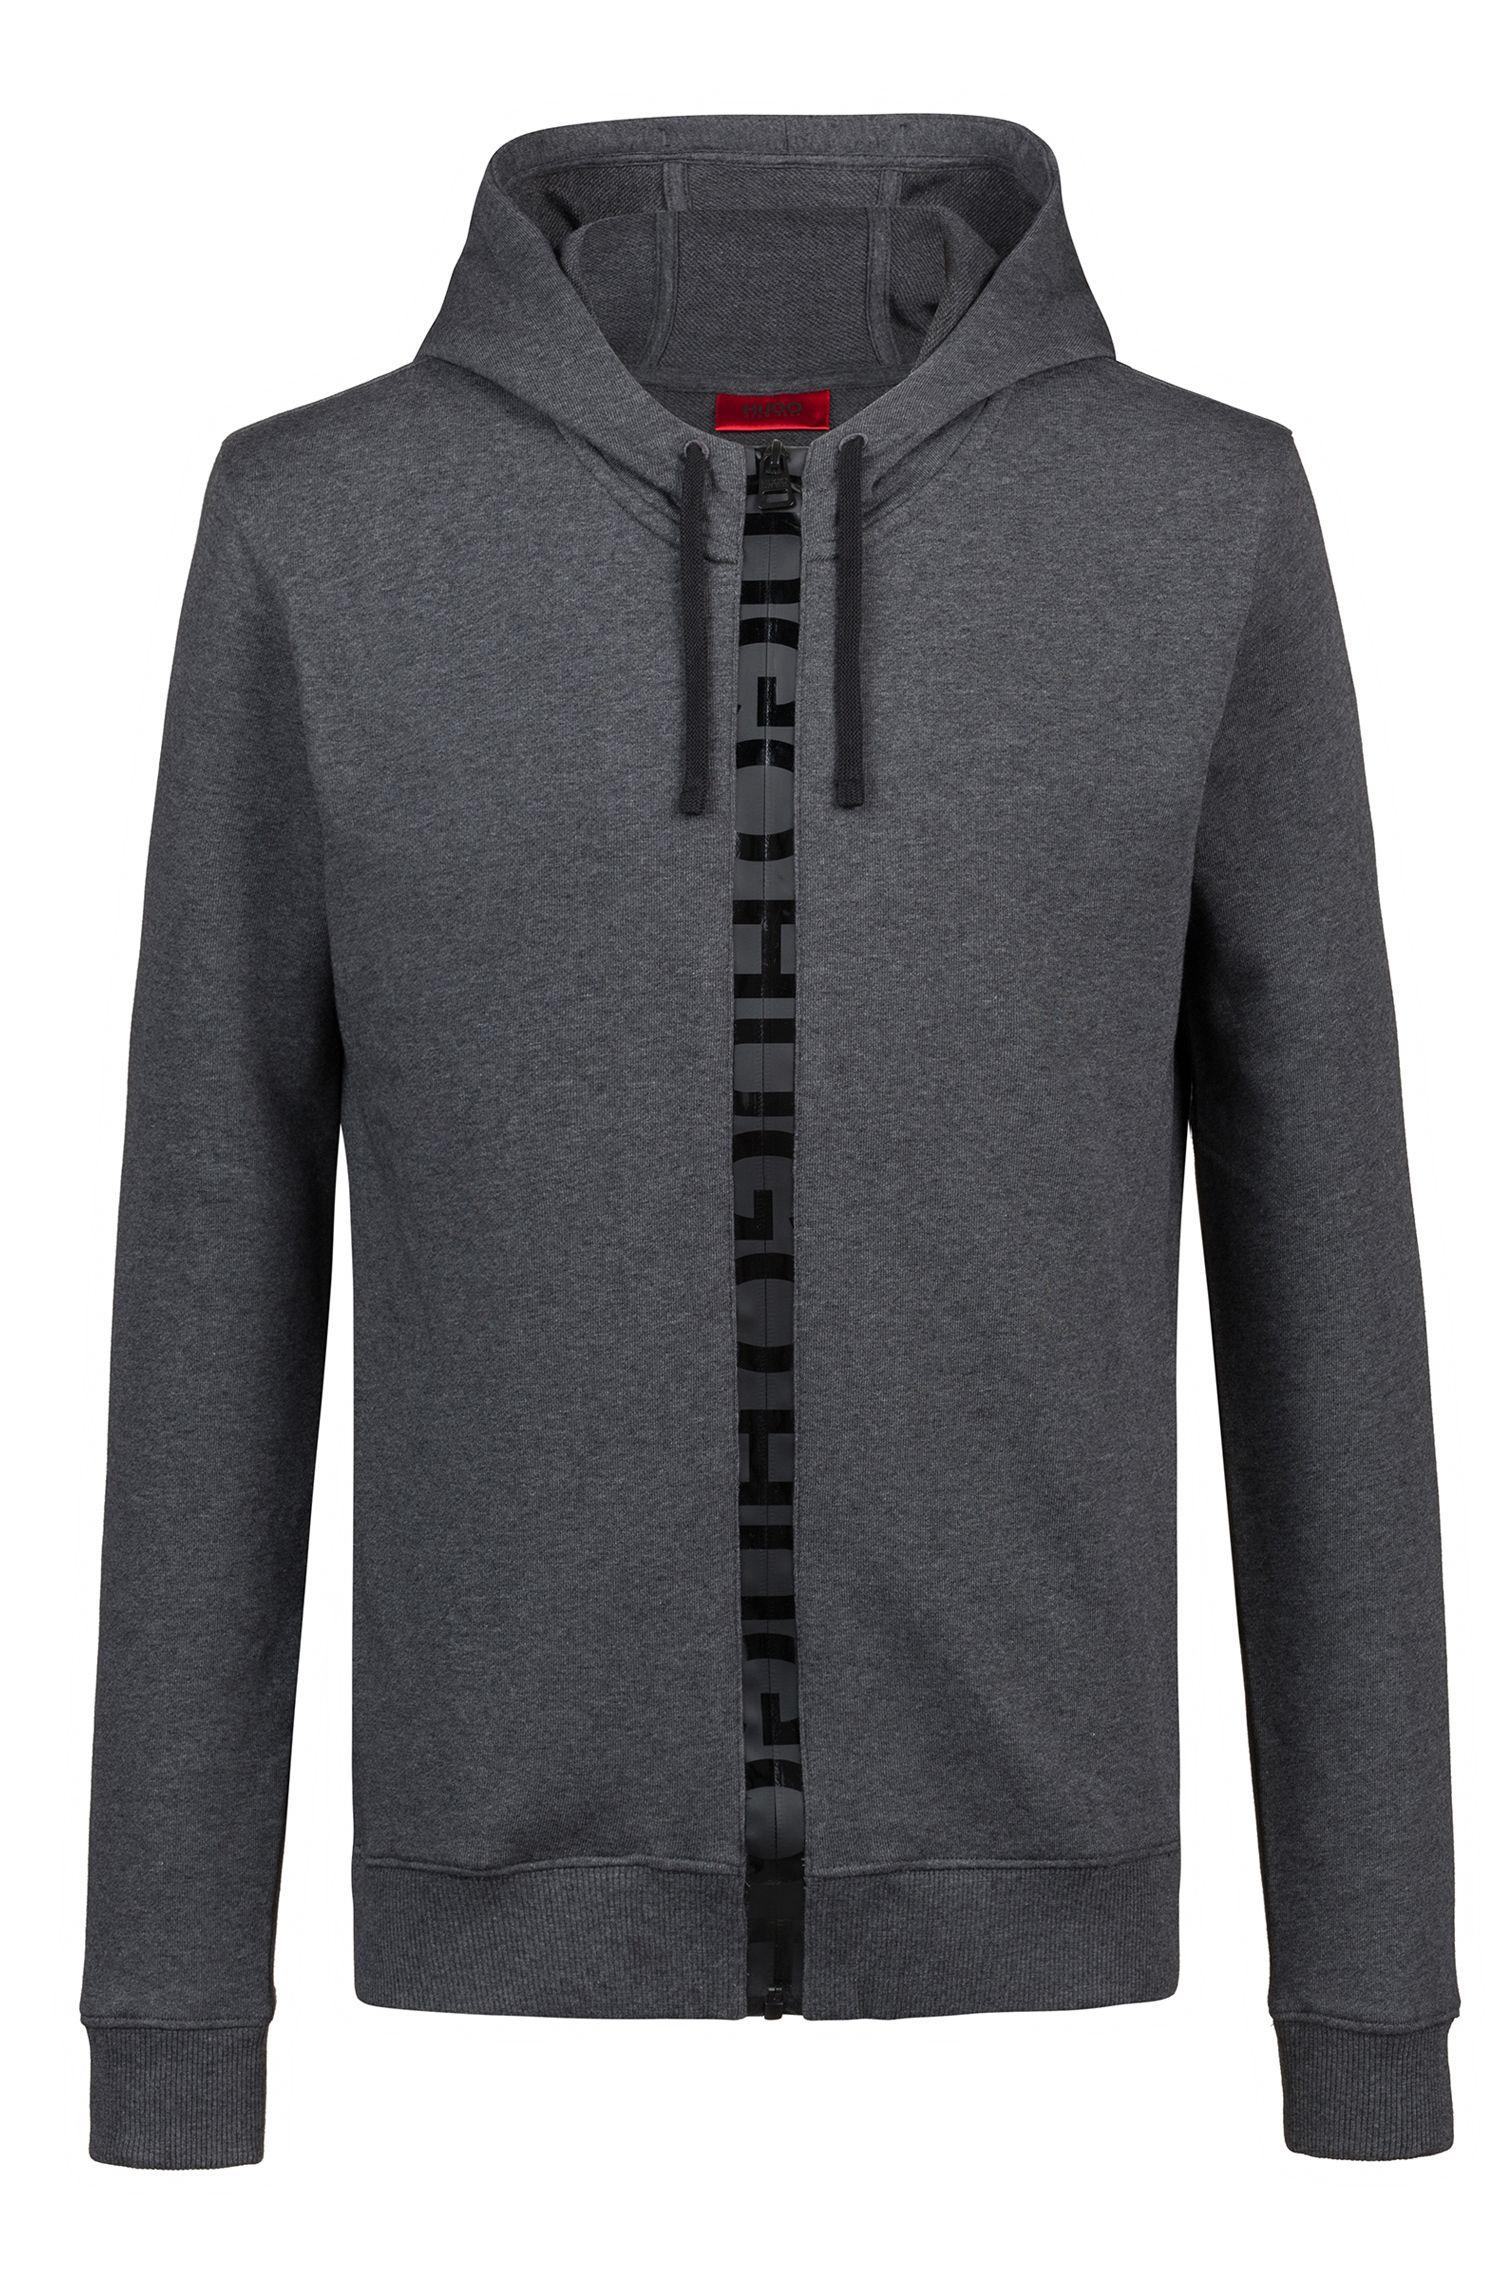 Kapuzen-Sweatjacke aus French Terry mit Logo-Tape am Reißverschluss, Grau